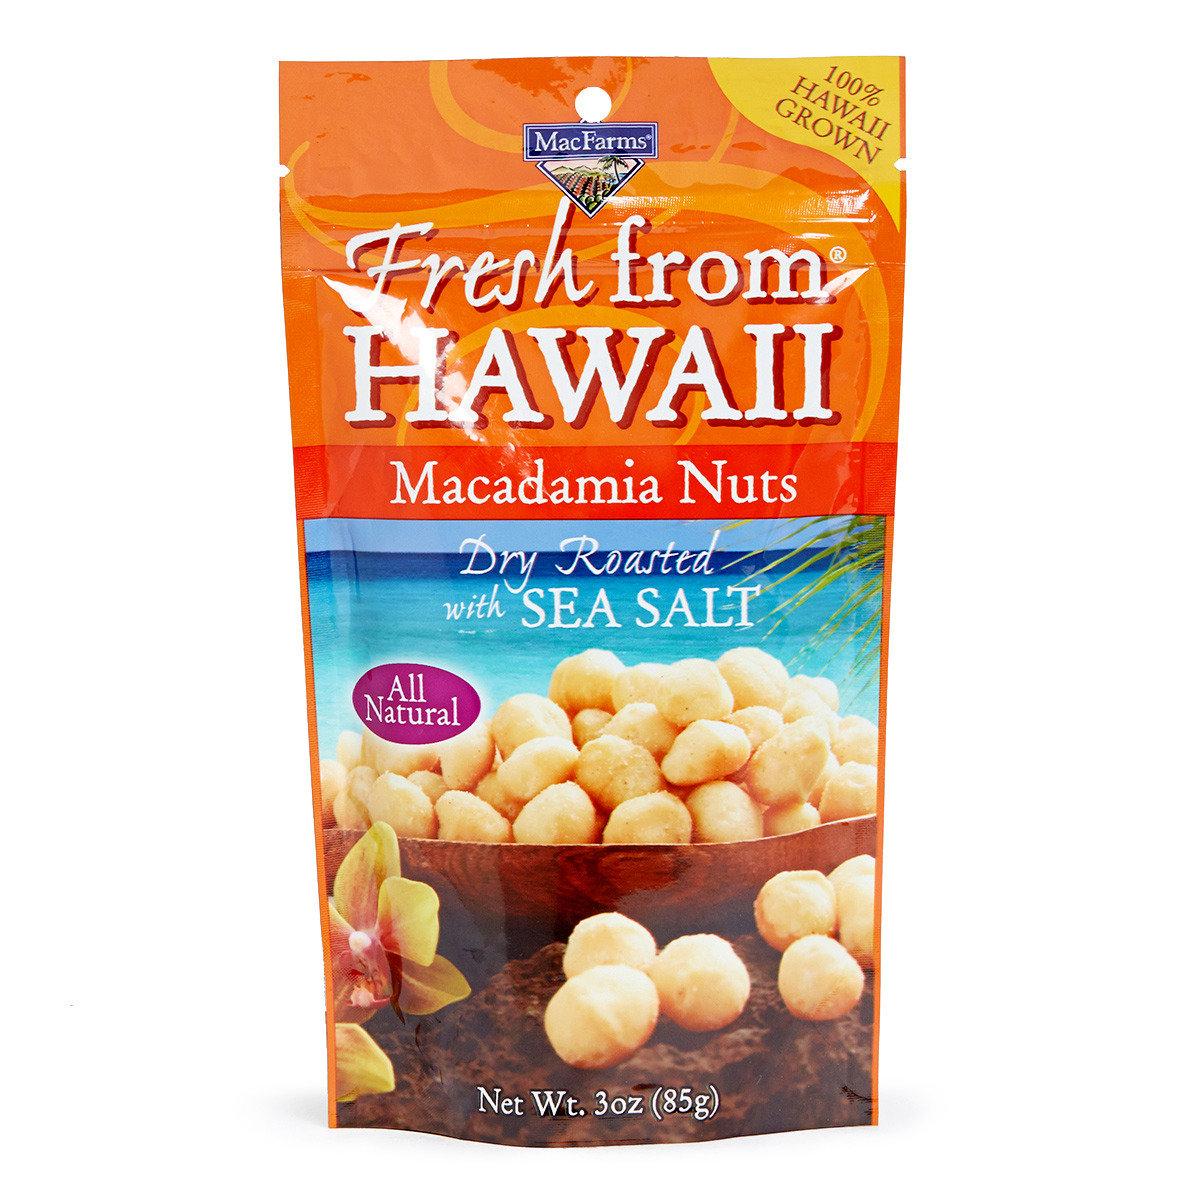 海鹽焗夏威夷果仁